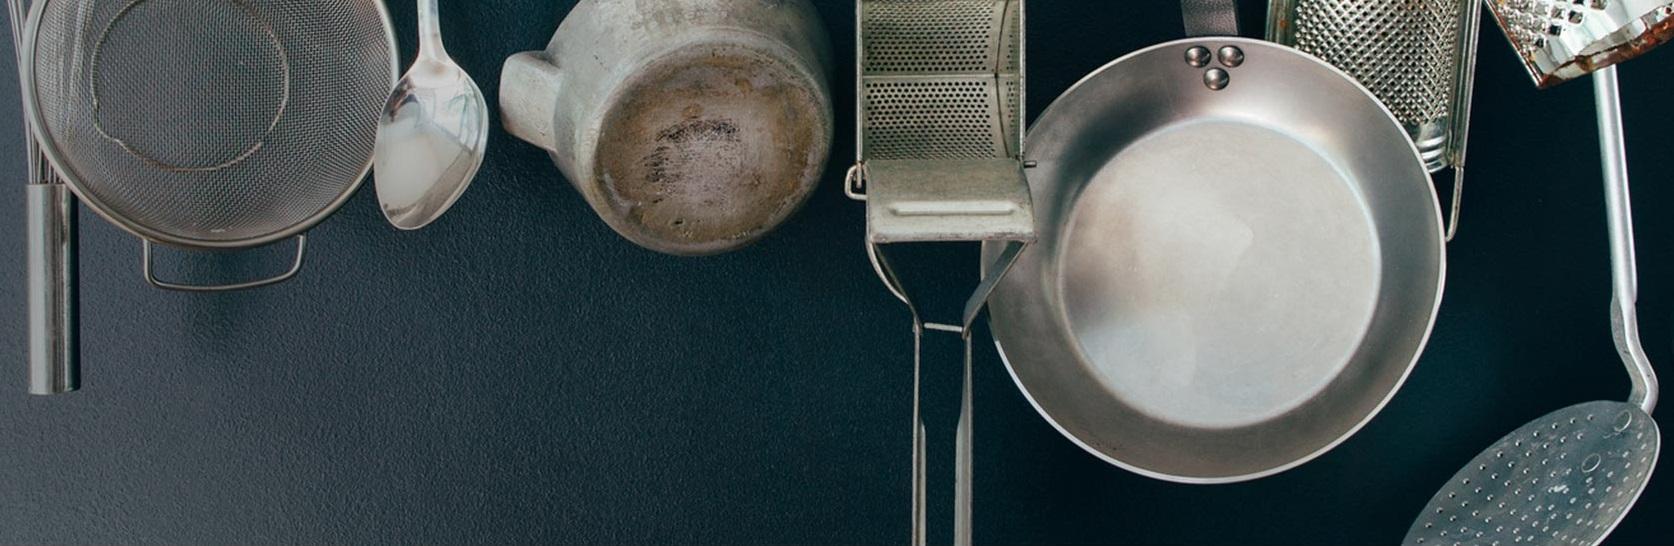 KitchenPotsPans.jpg